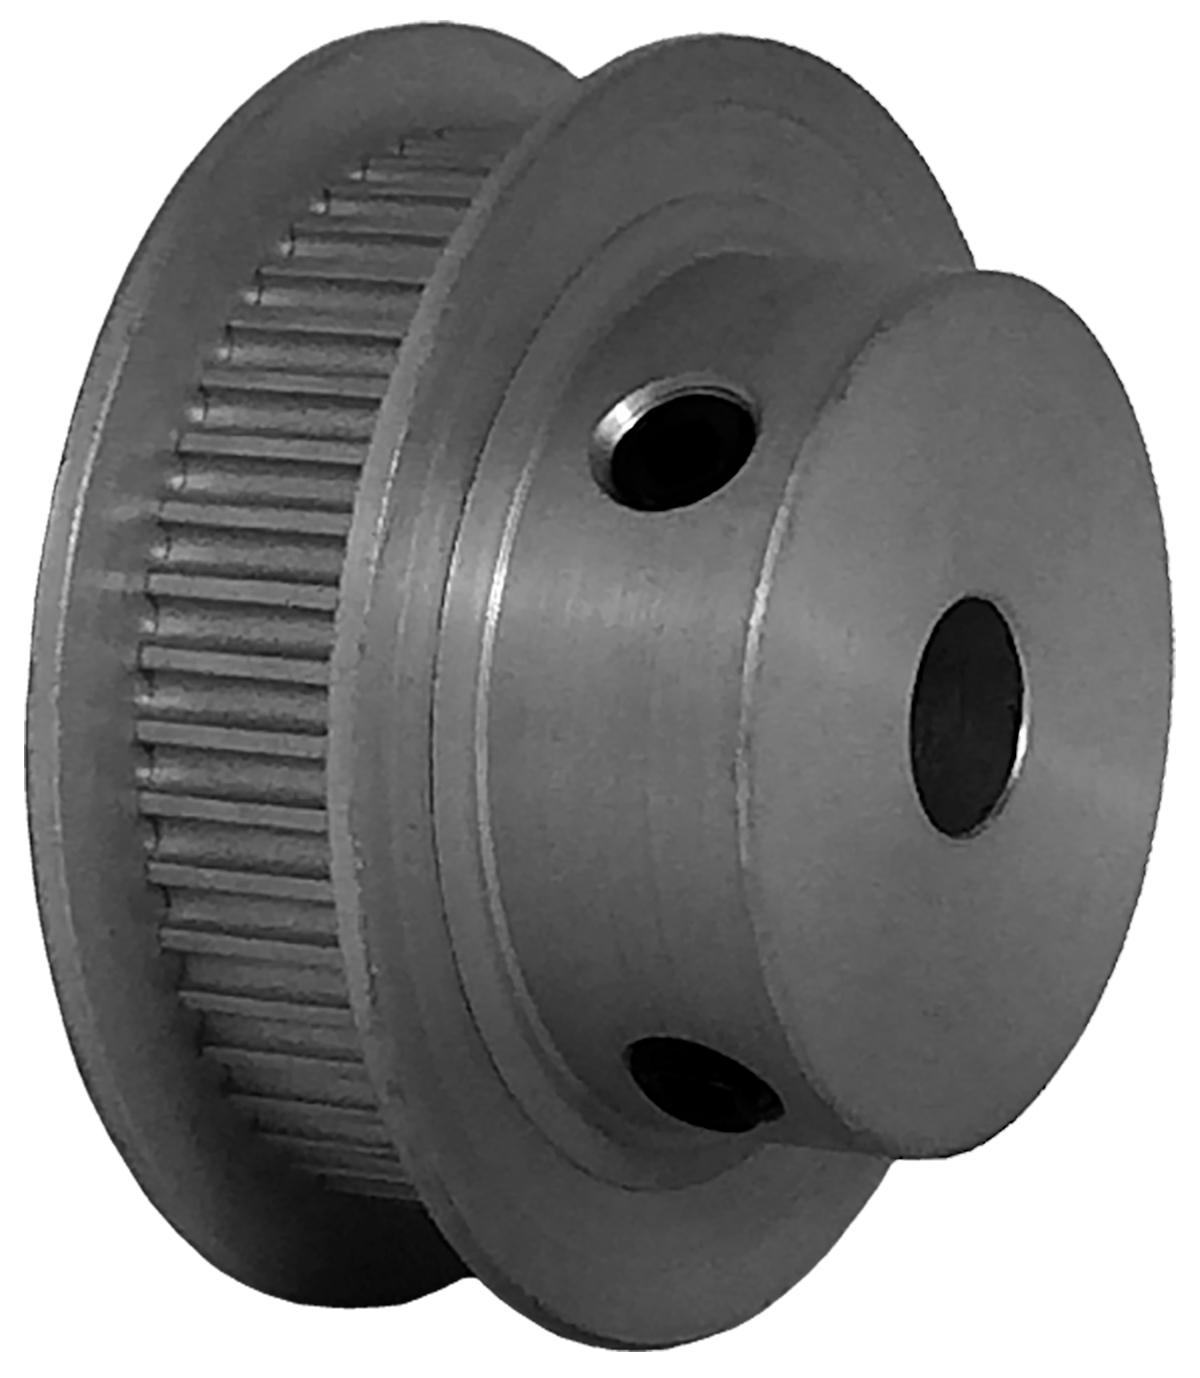 48-2P06-6FA3 - Aluminum Powerhouse® Pulleys